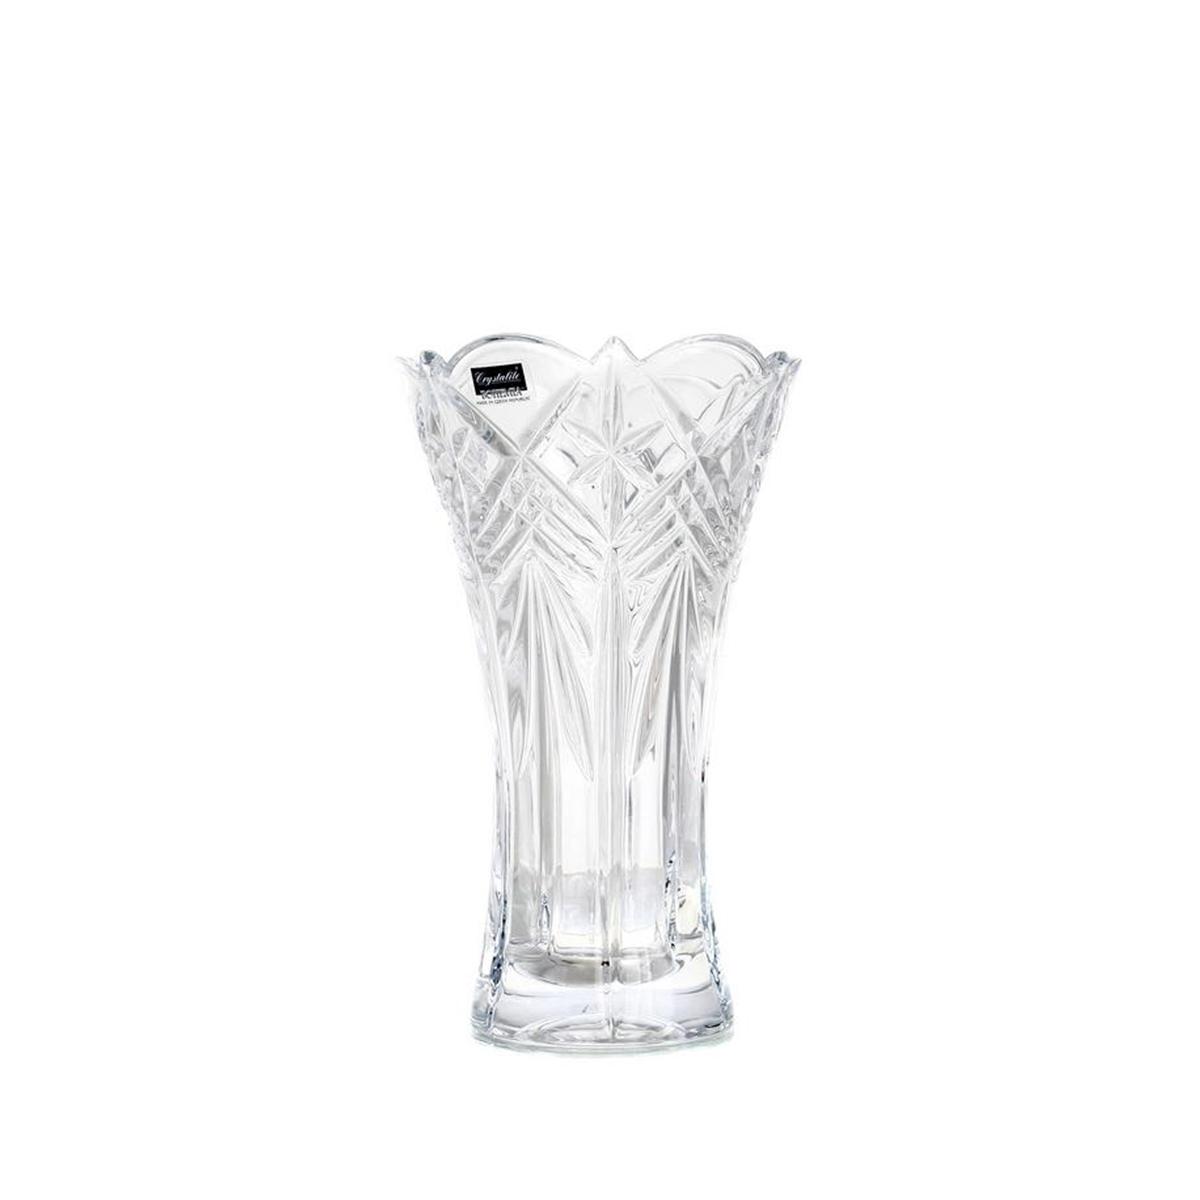 Taurus Vaza Cristalin Evazata 20.5 Cm 2021 aranjareamesei.ro